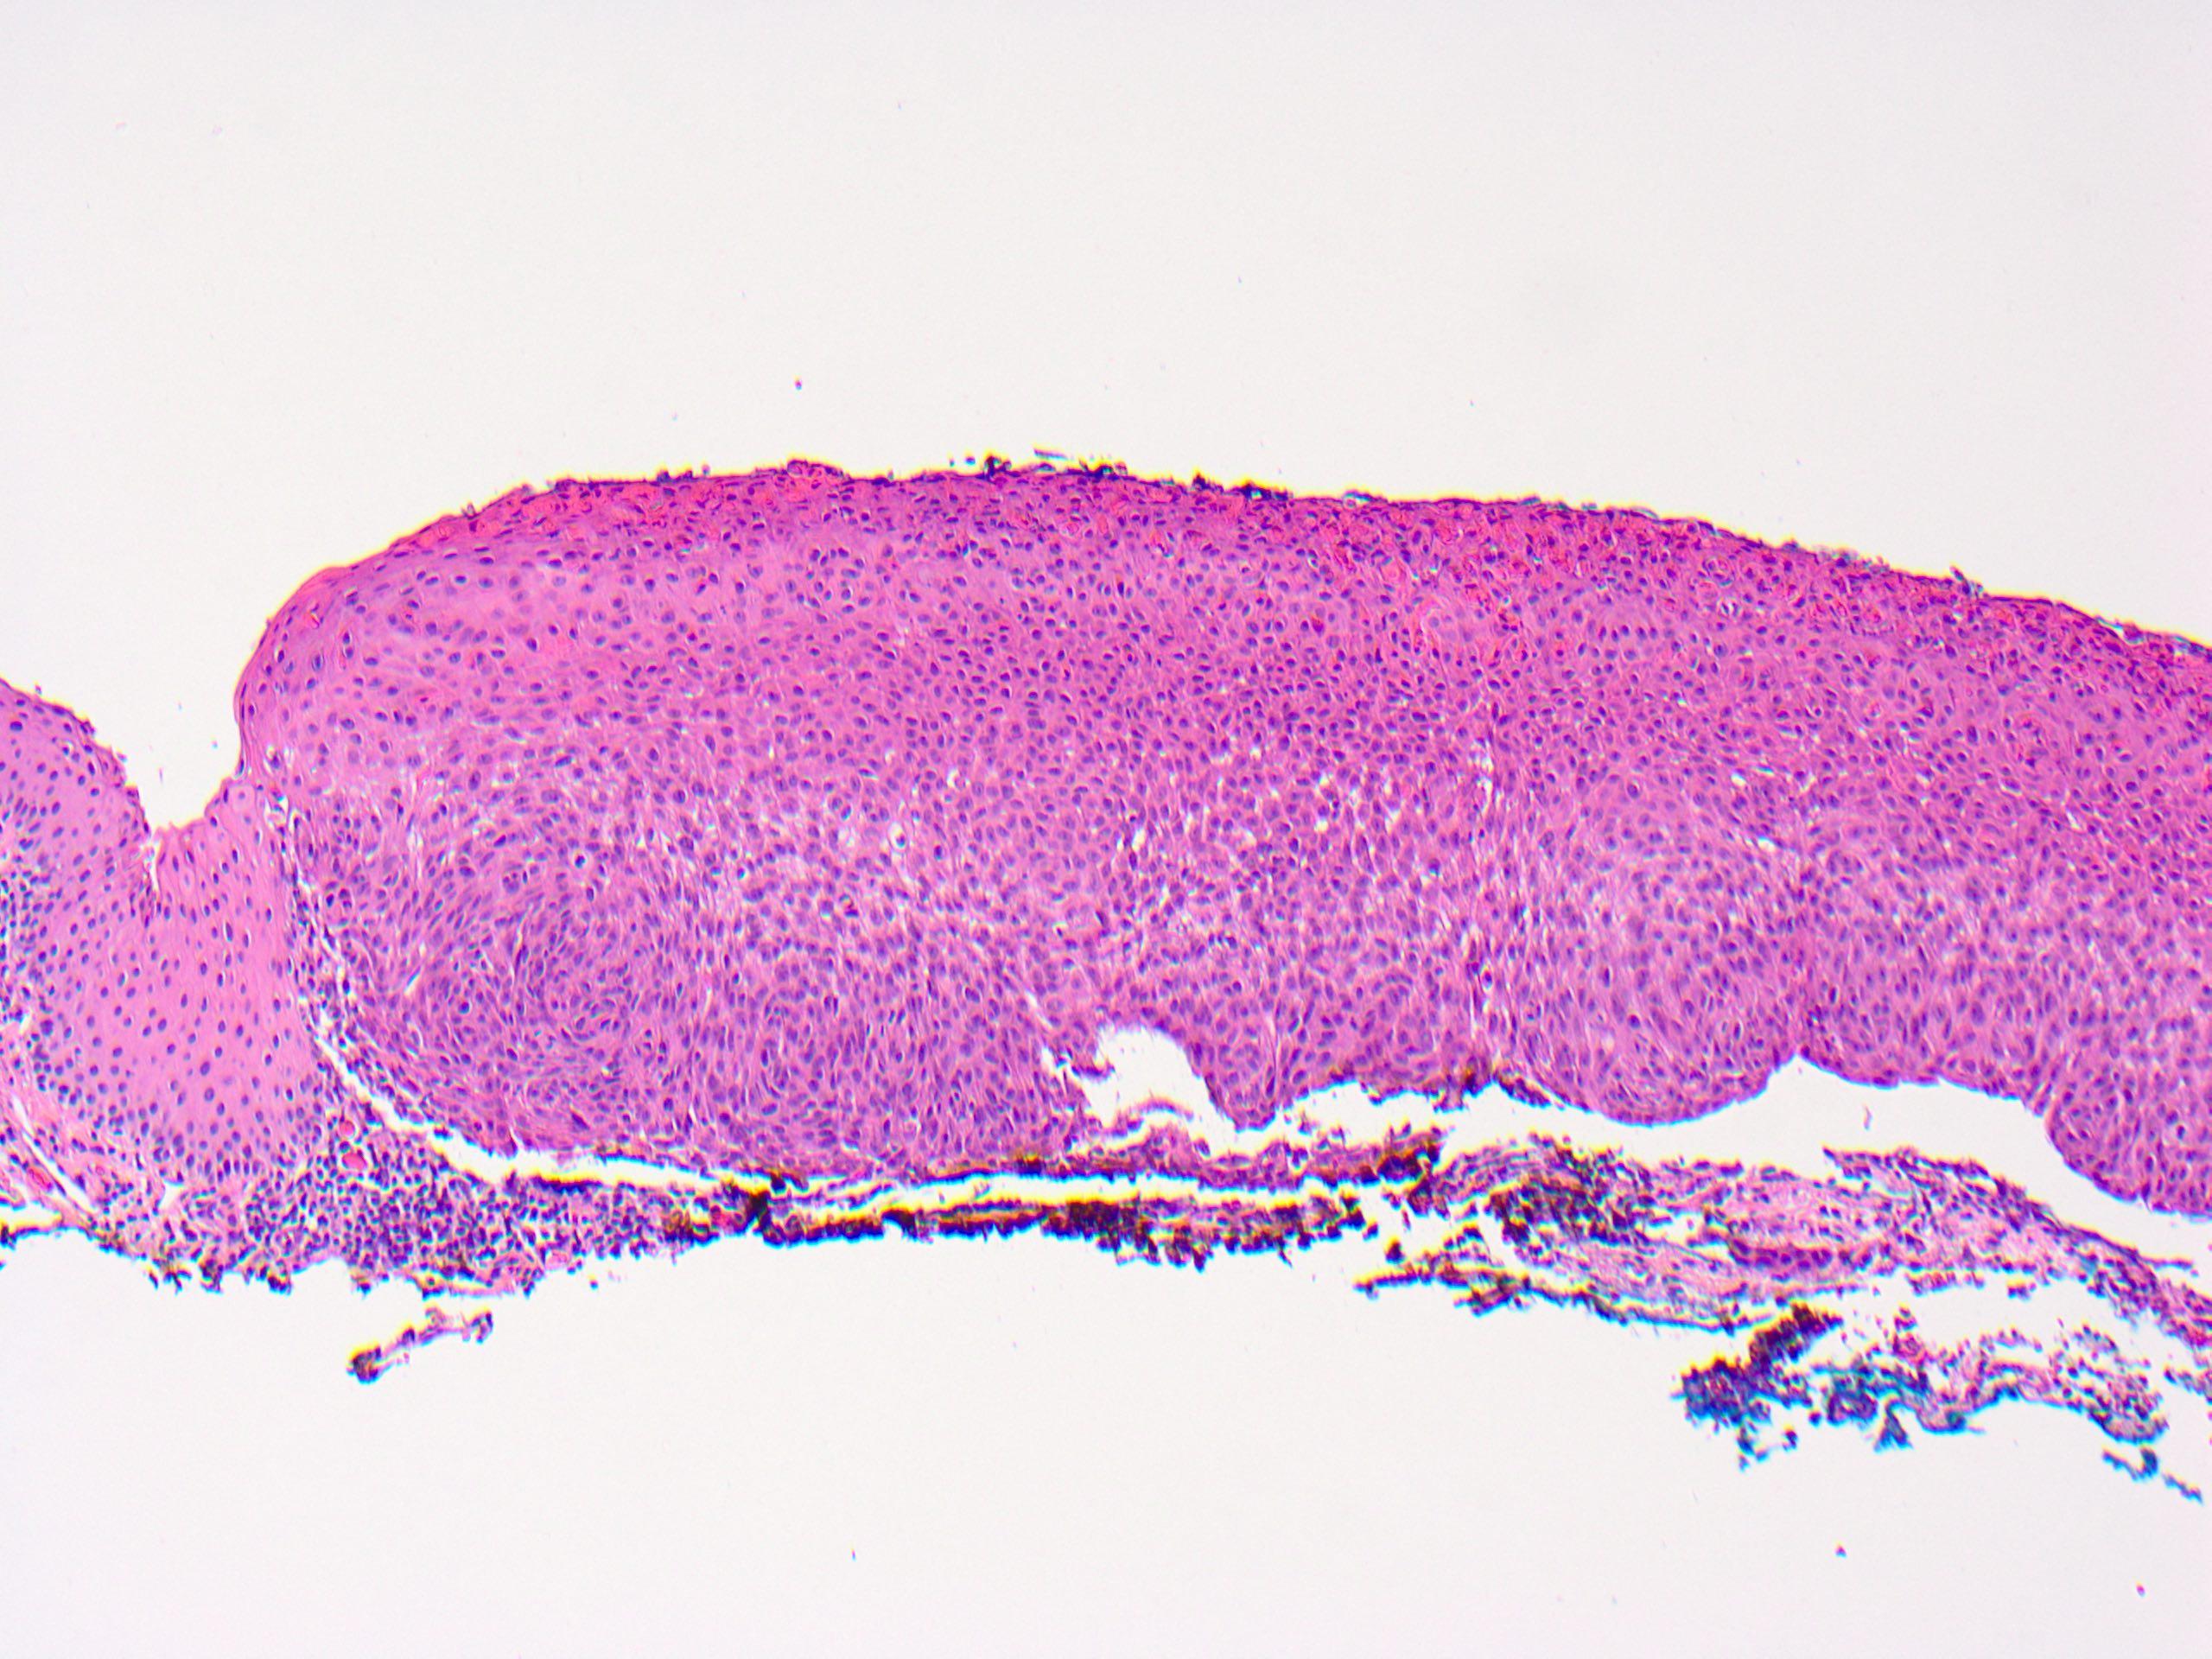 paraziti intestinali usturoi vaccino hpv quante dosi